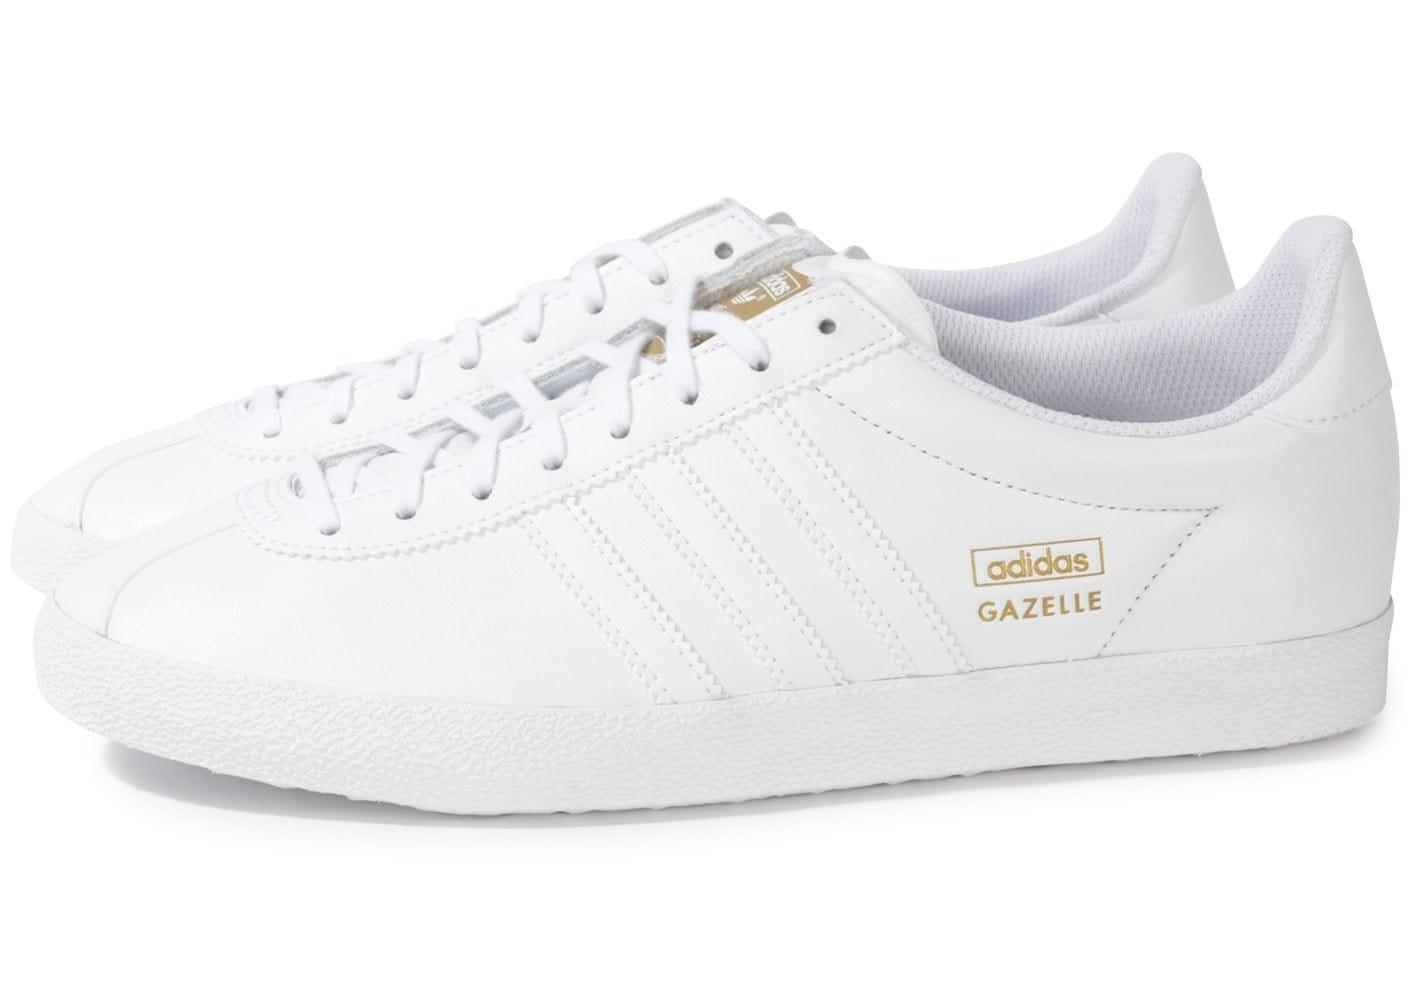 adidas gazelle homme cuir blanche,adidas gazelle homme cuir ...